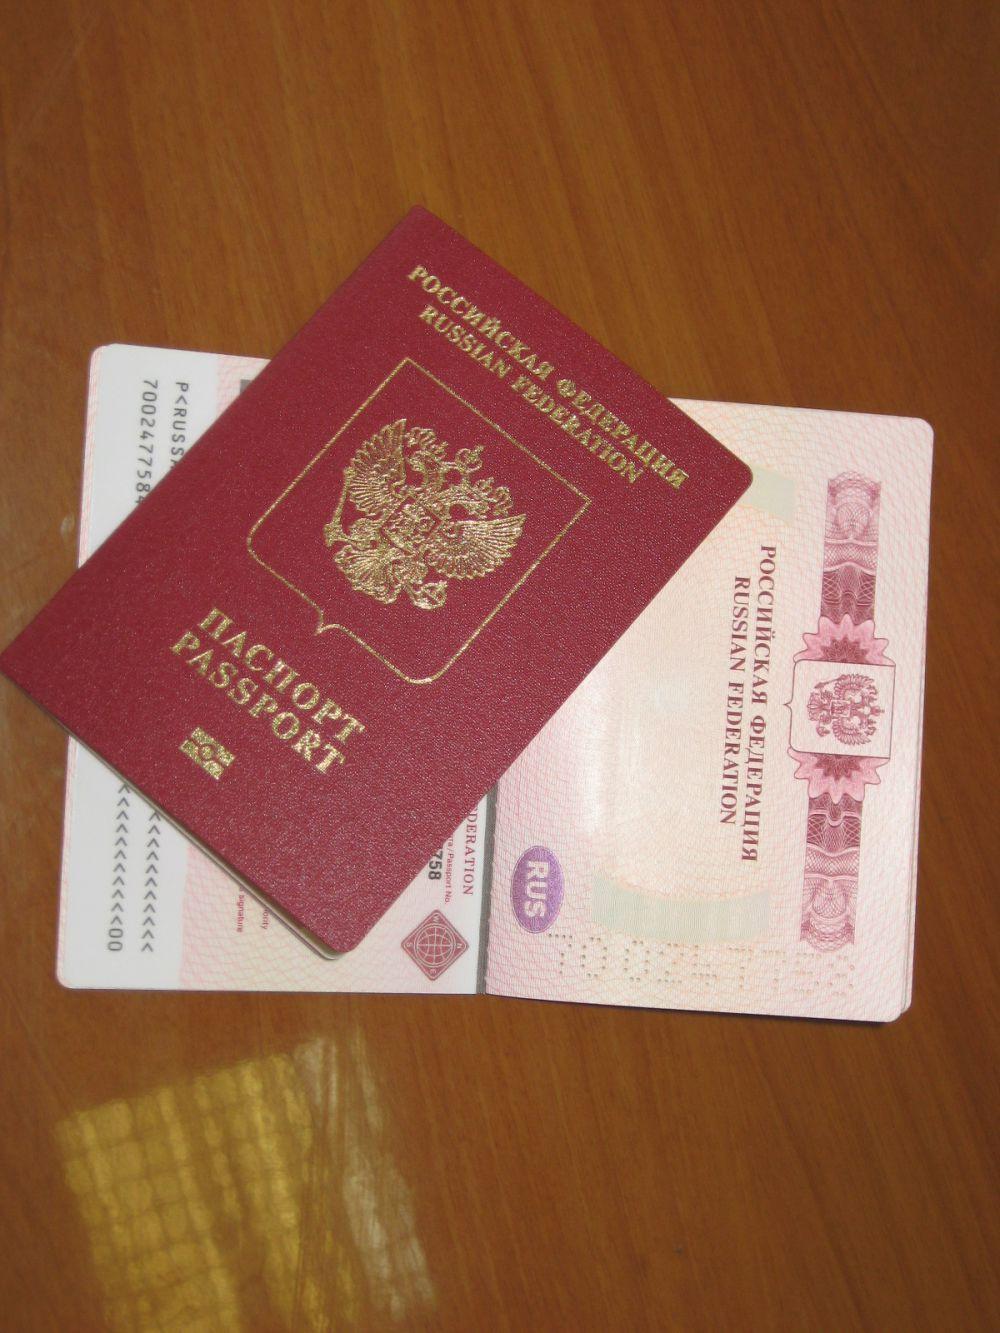 23 апреля. ФМС предлагает разрешить россиянам пользоваться сразу двумя загранпаспортами.